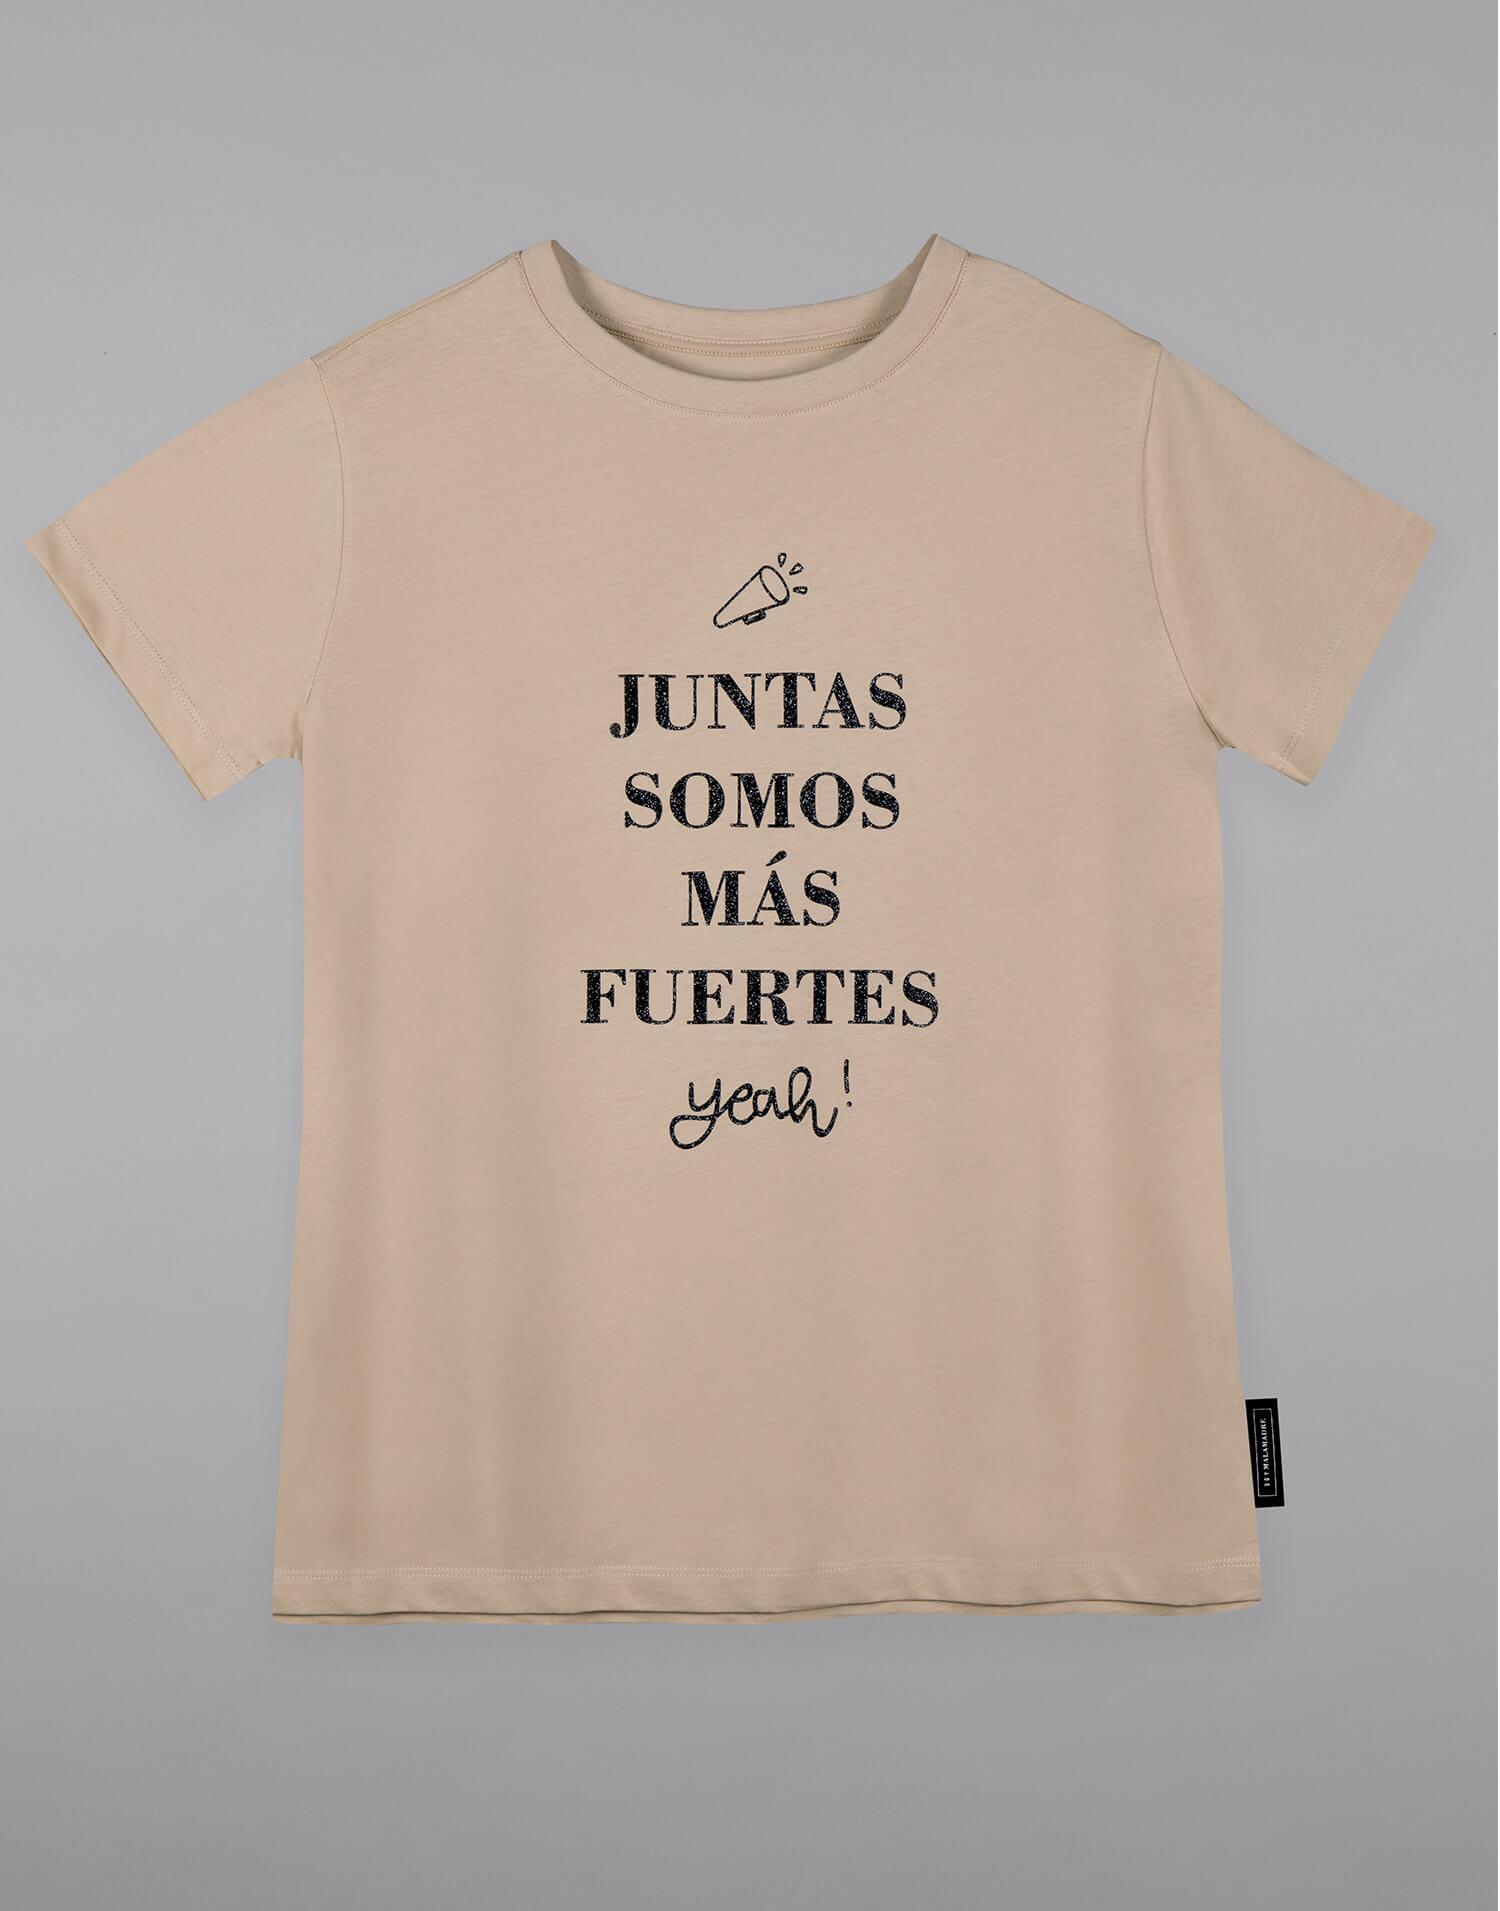 Camiseta de mujer beige 'Juntas somos más fuertes'